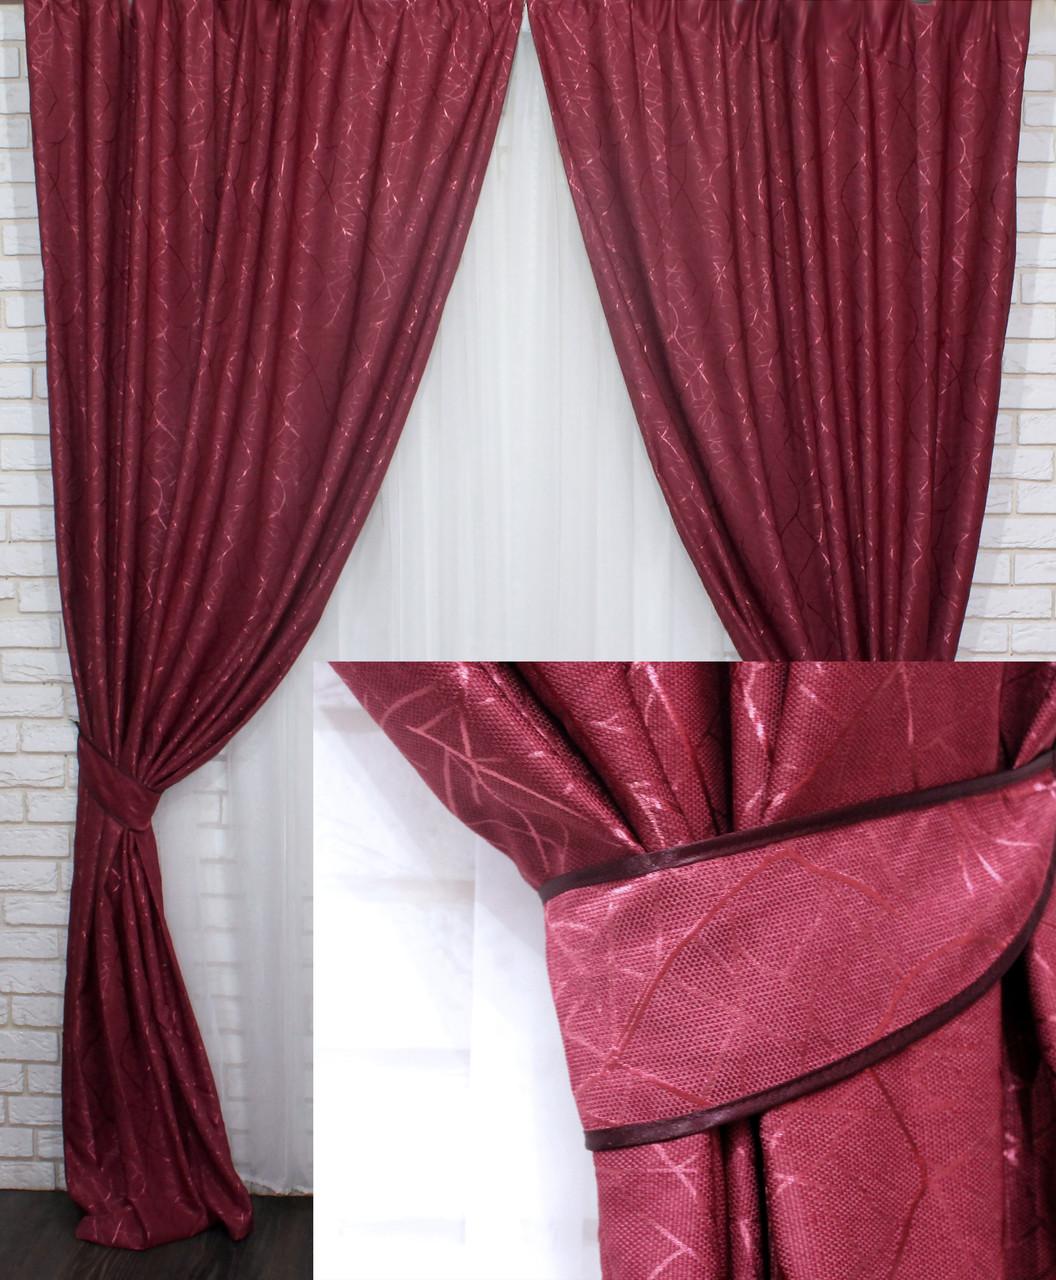 Шторы блэкаут (2шт. 1,5х2,7) лен рогожка.  Цвет бордовый Код  571ш 30-337